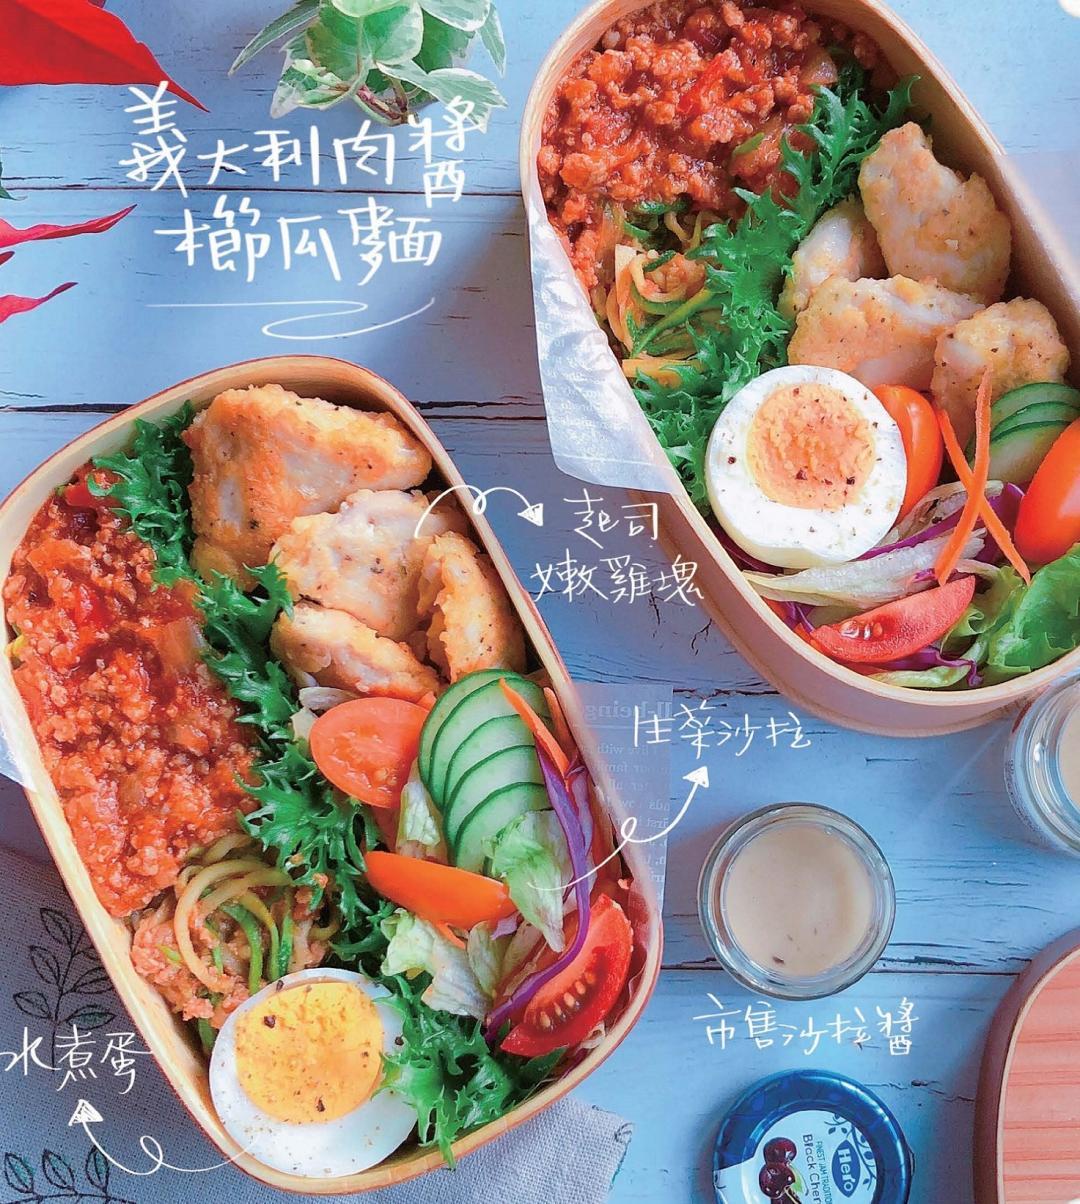 減醣也吃好吃飽!義大利肉醬櫛瓜麵Plus兩道變化料理